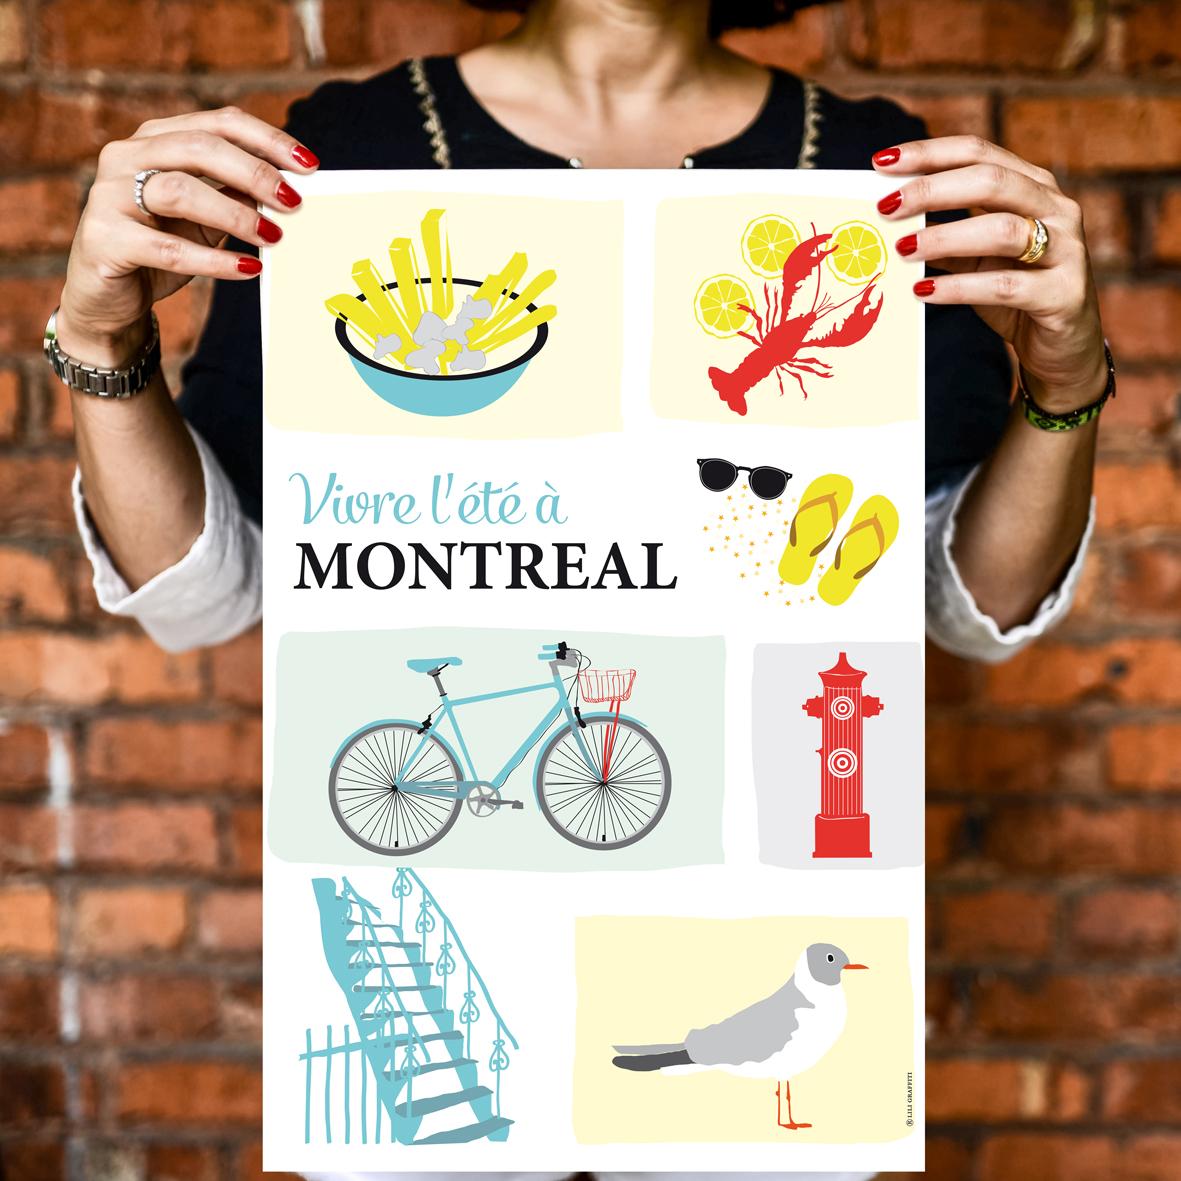 Cliquez ici pour acheter Vivre l'été à Montréal